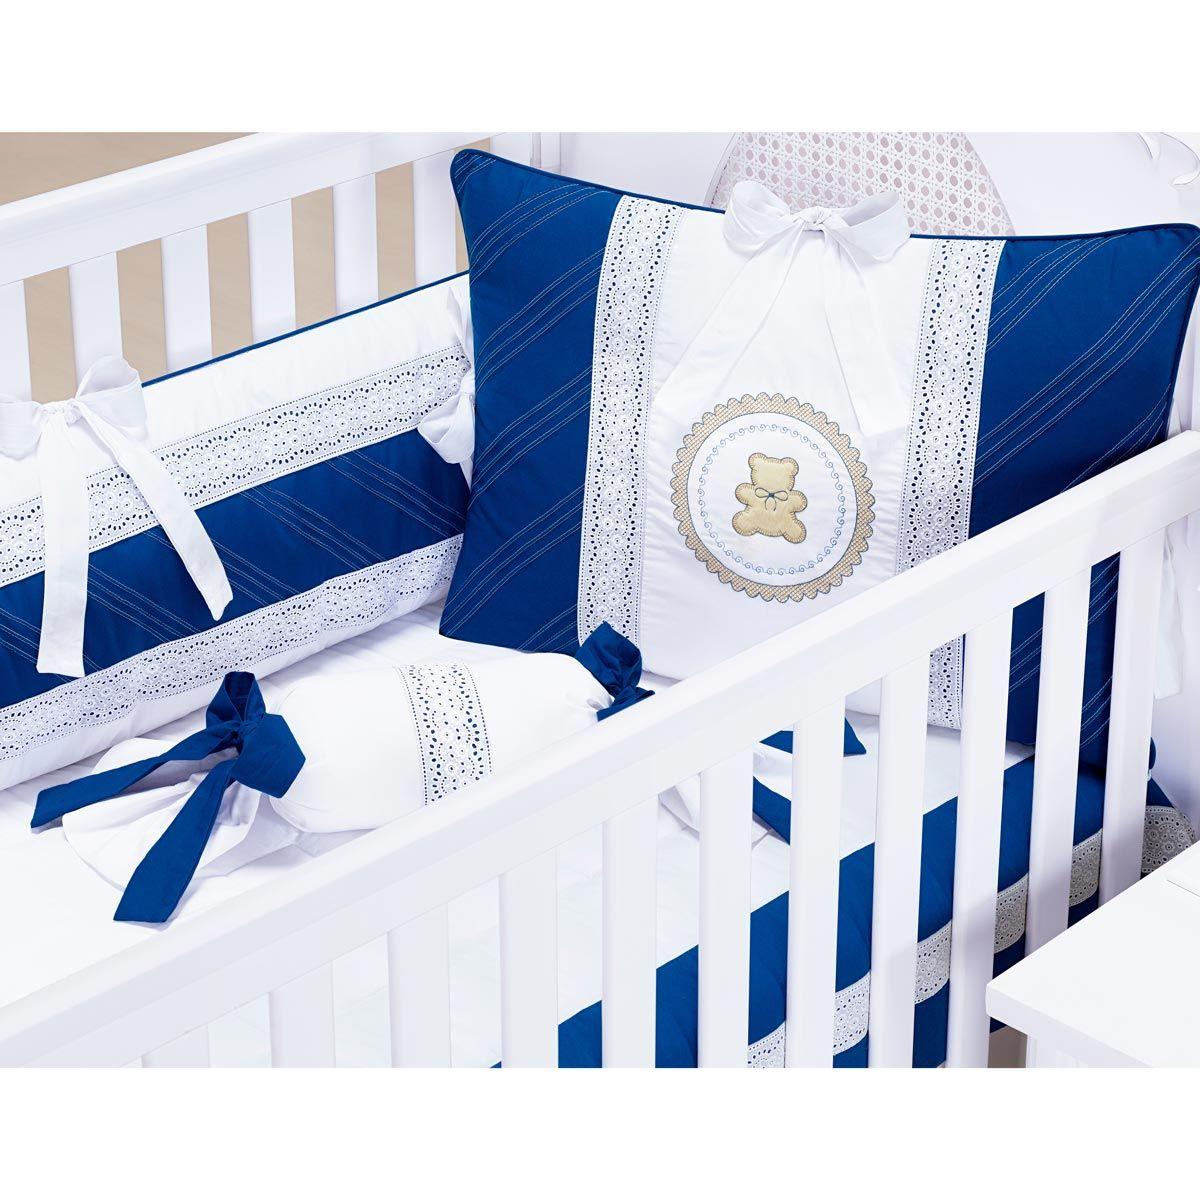 Coleção Completa para Quarto de Bebê Premier Royal 200 Fios - 18 Peças